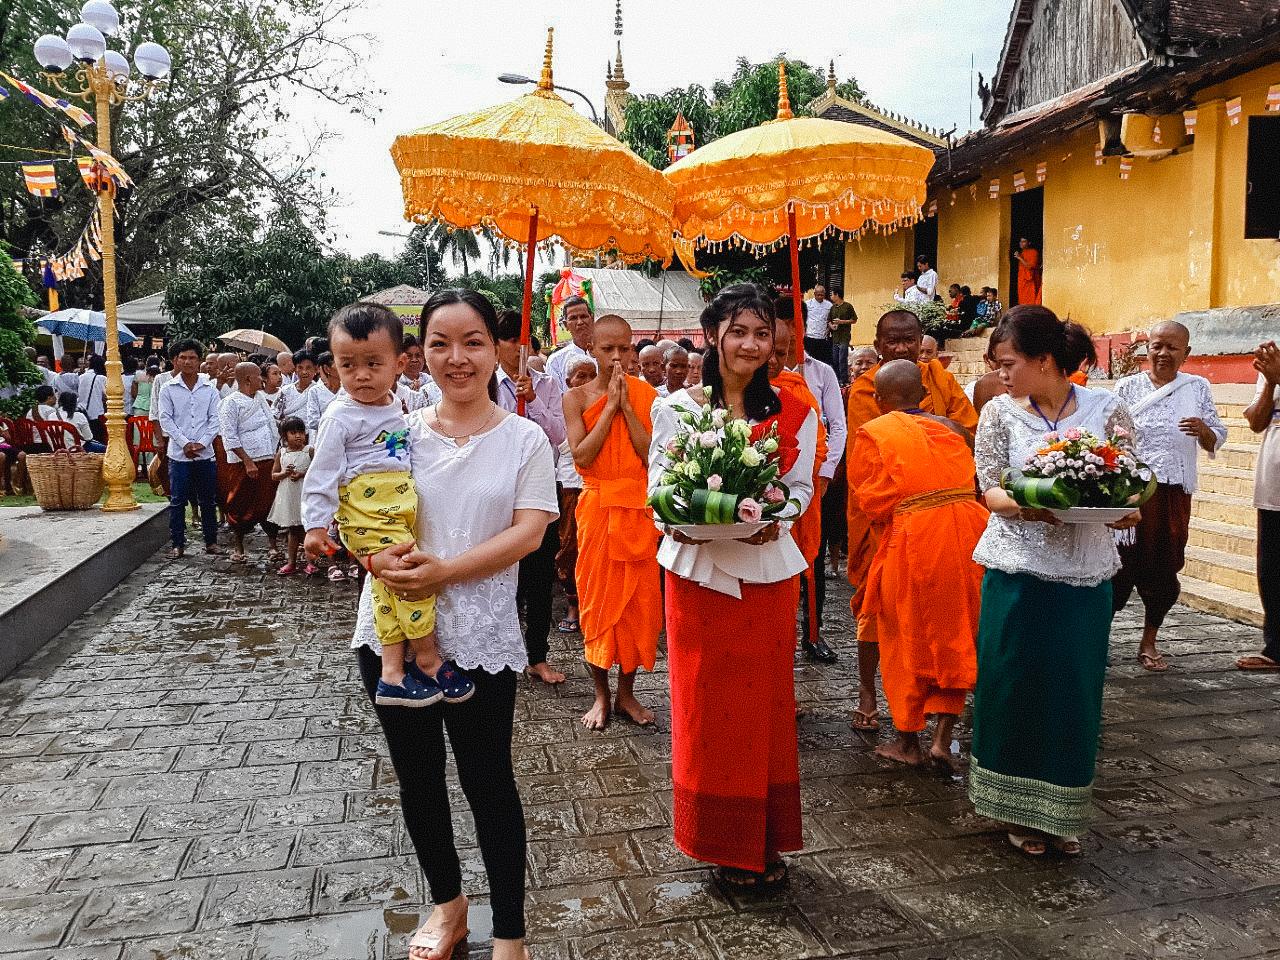 Lễ hội người Khmer được tổ chức ở chùa Sà Tón